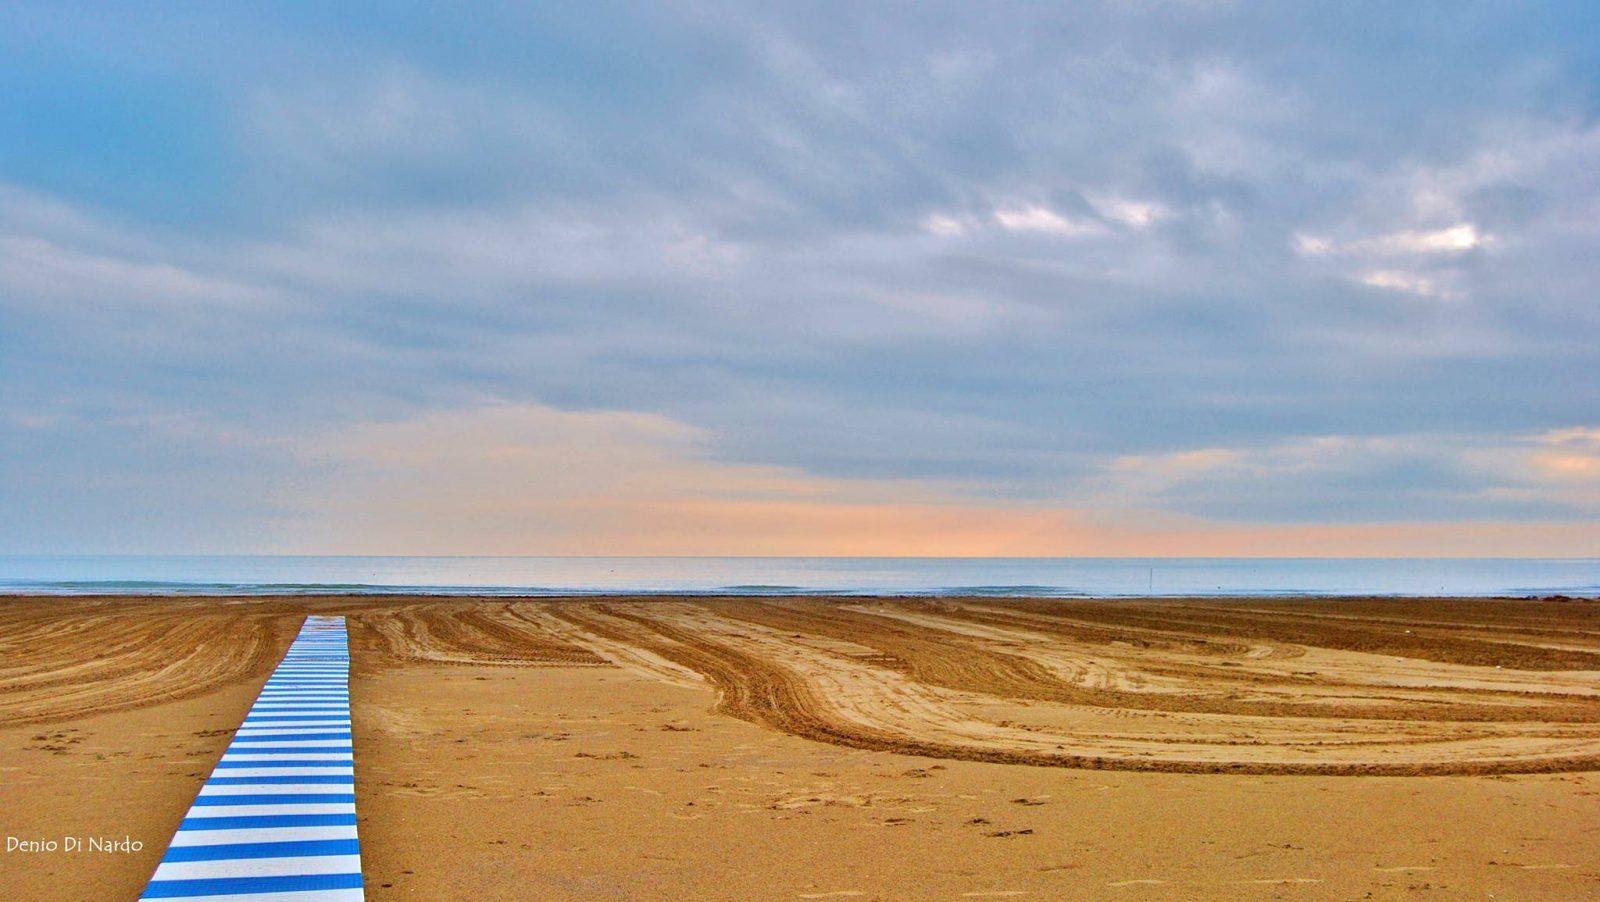 Spiaggia Lido dei Saraceni